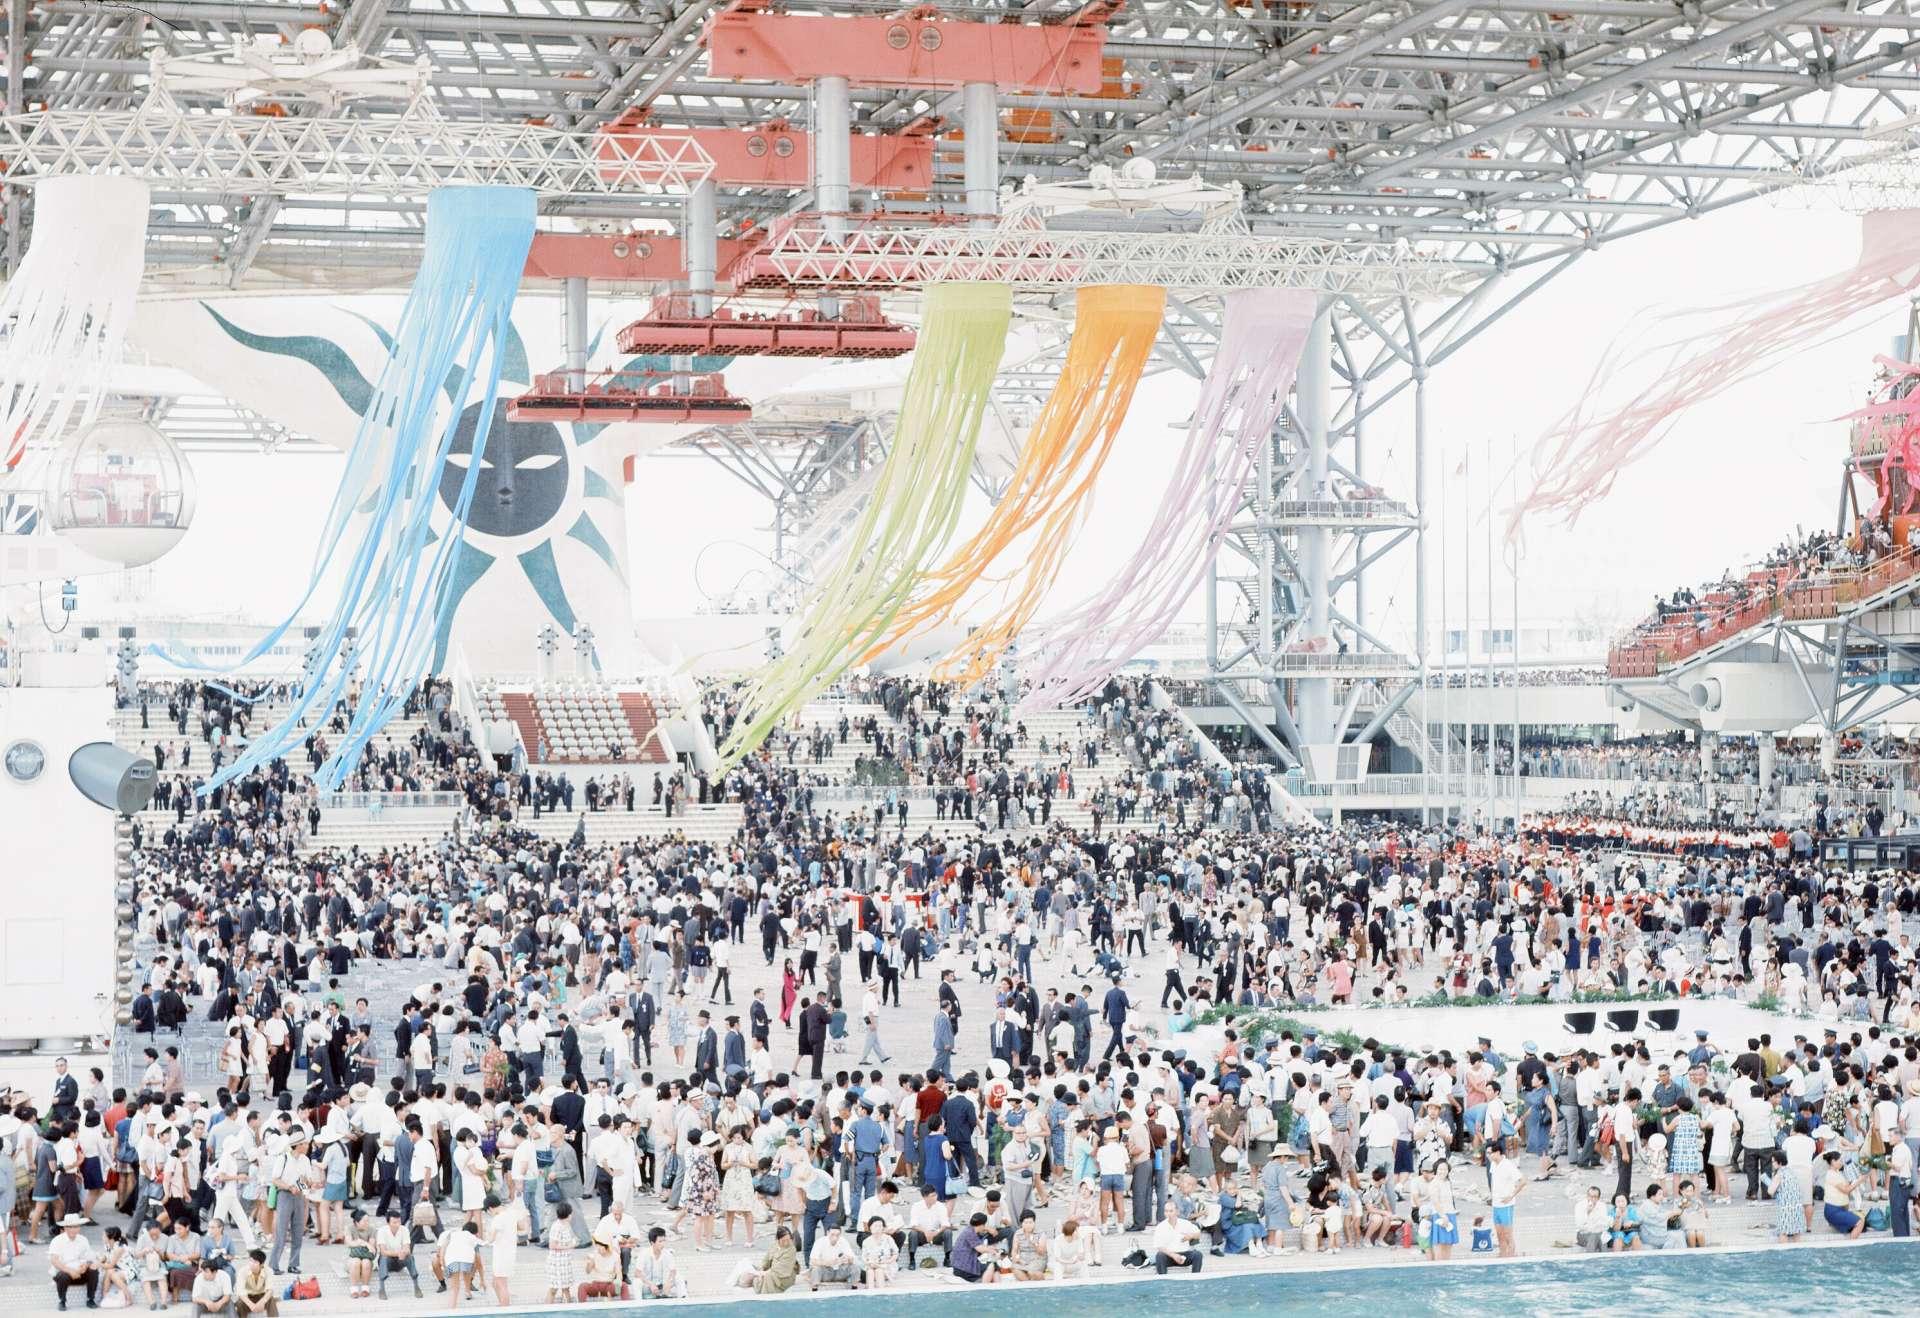 约有超过6400万人的入场者参加1970年万国博览会的闭会式